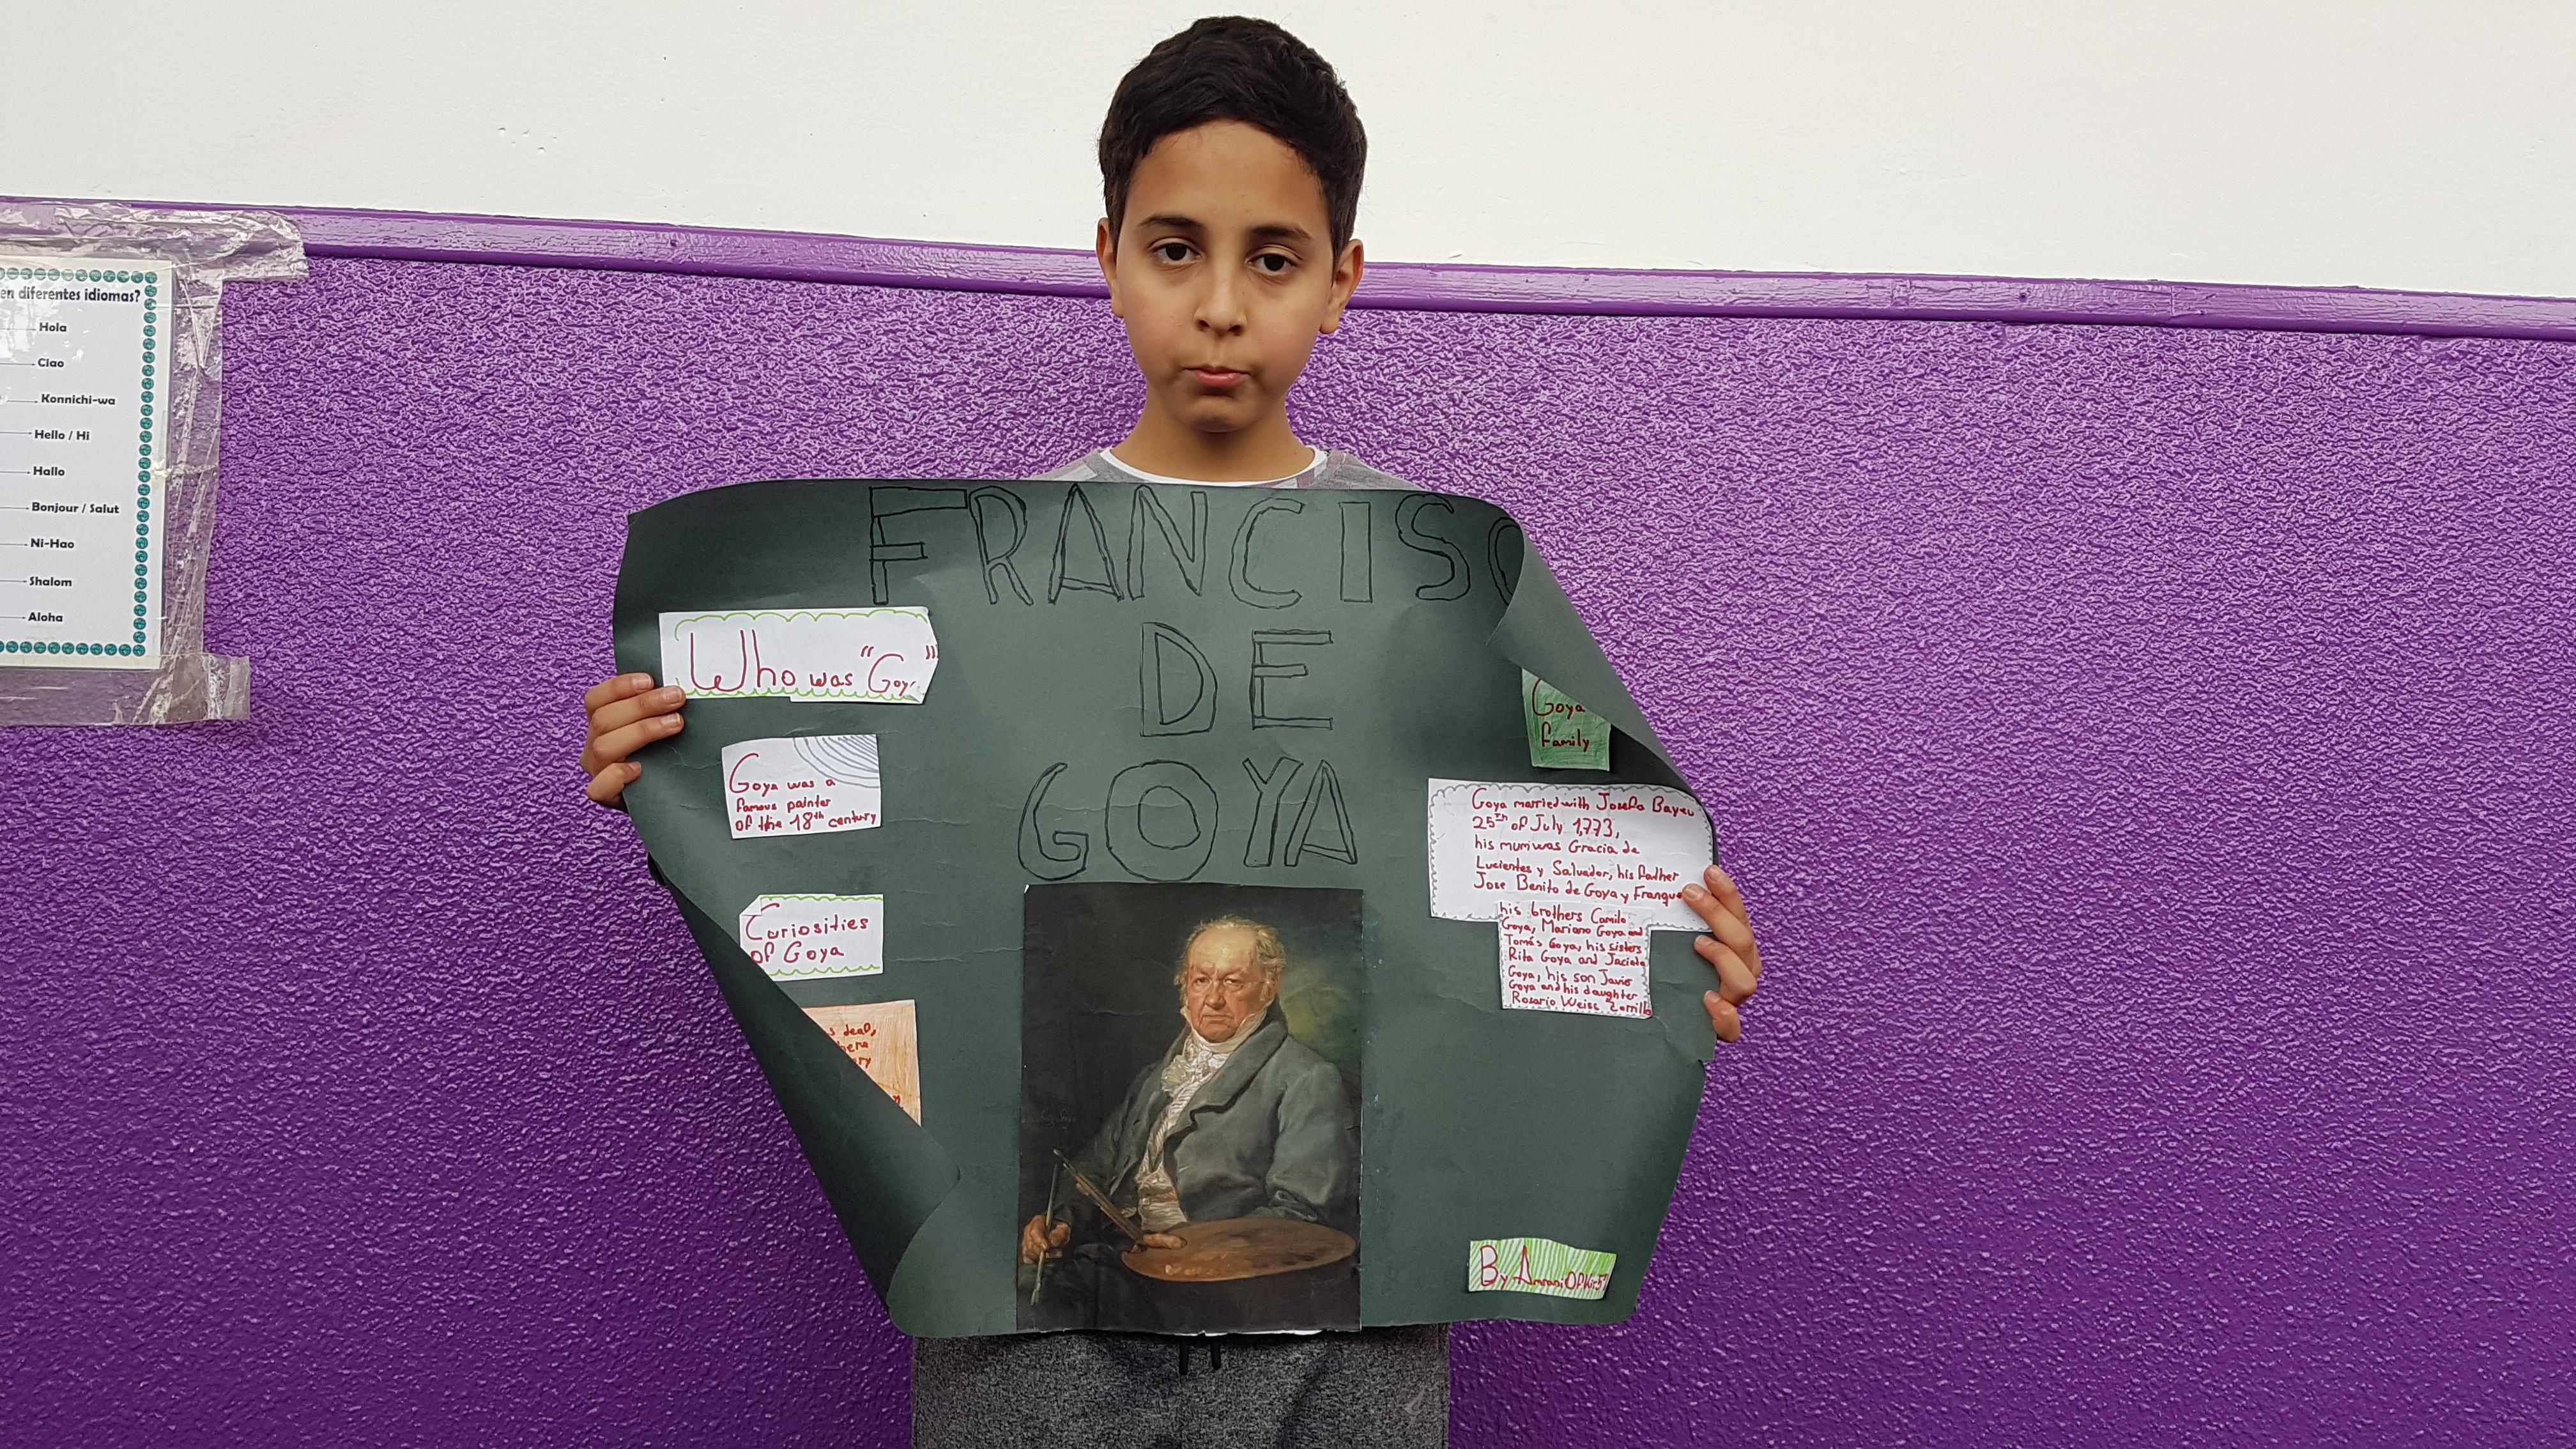 Francisco de Goya Poster